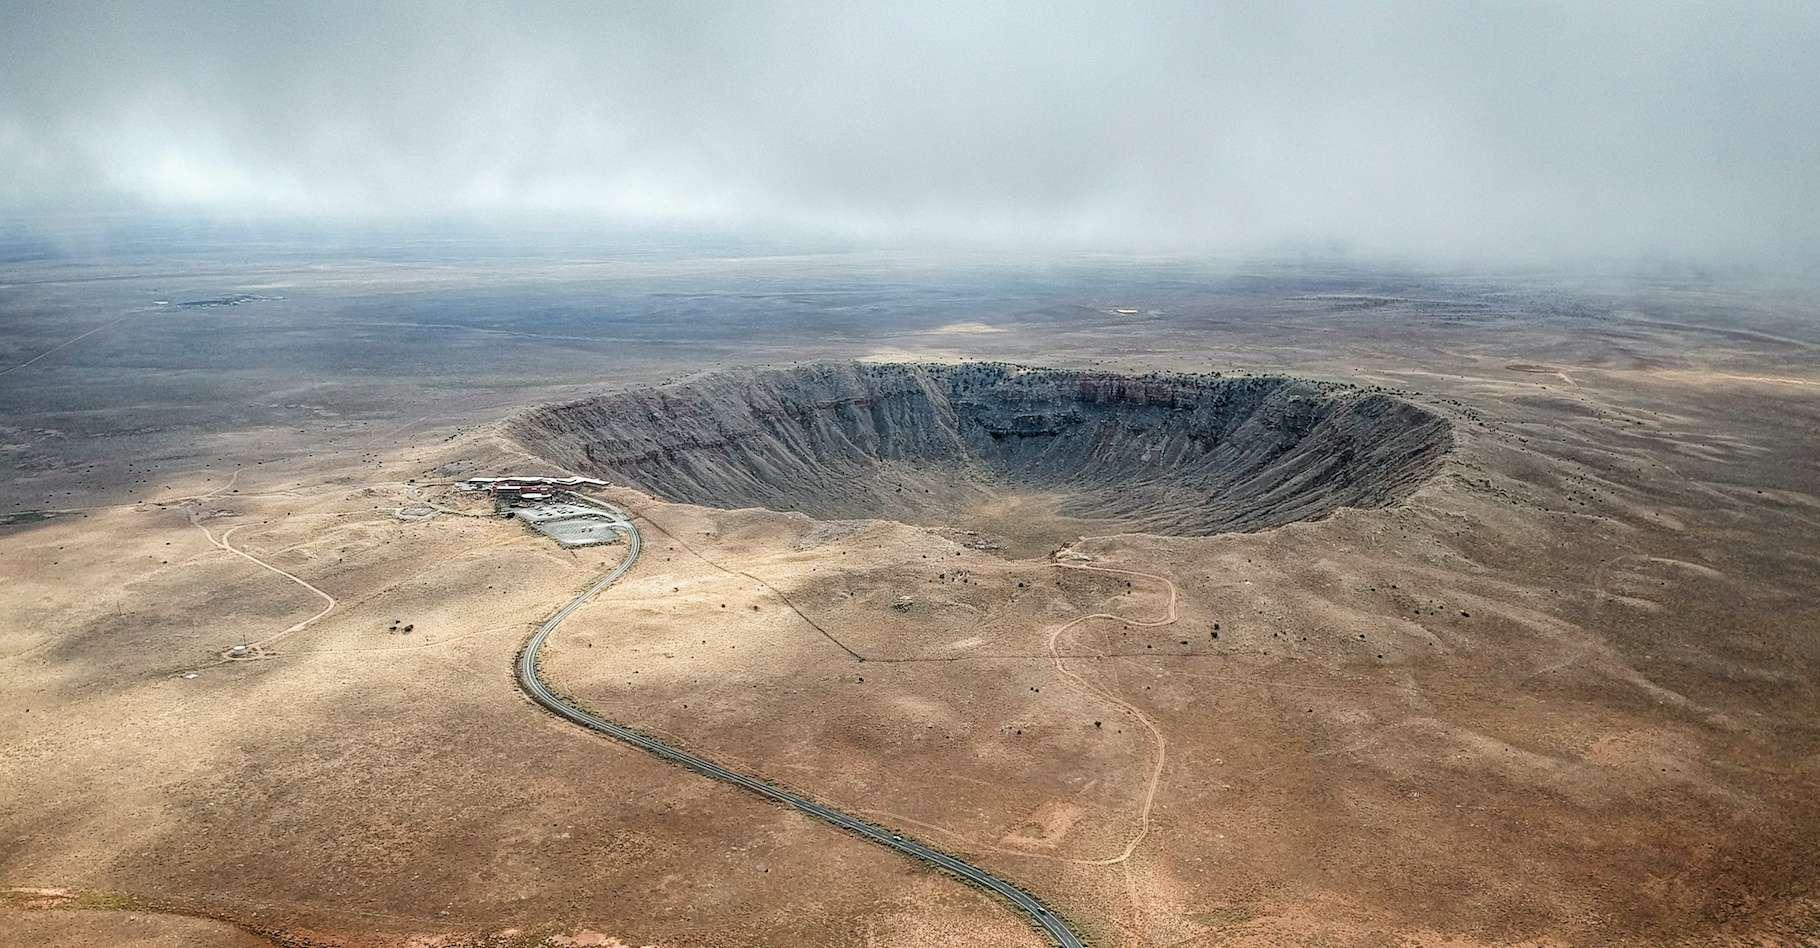 Ici le célèbre Meteor Crater, en Arizone (États-Unis). Un cratère d'impact de plus de 1.200 mètres de diamètre formé il y a environ 50.000 ans. © anderm, Adobe Stock